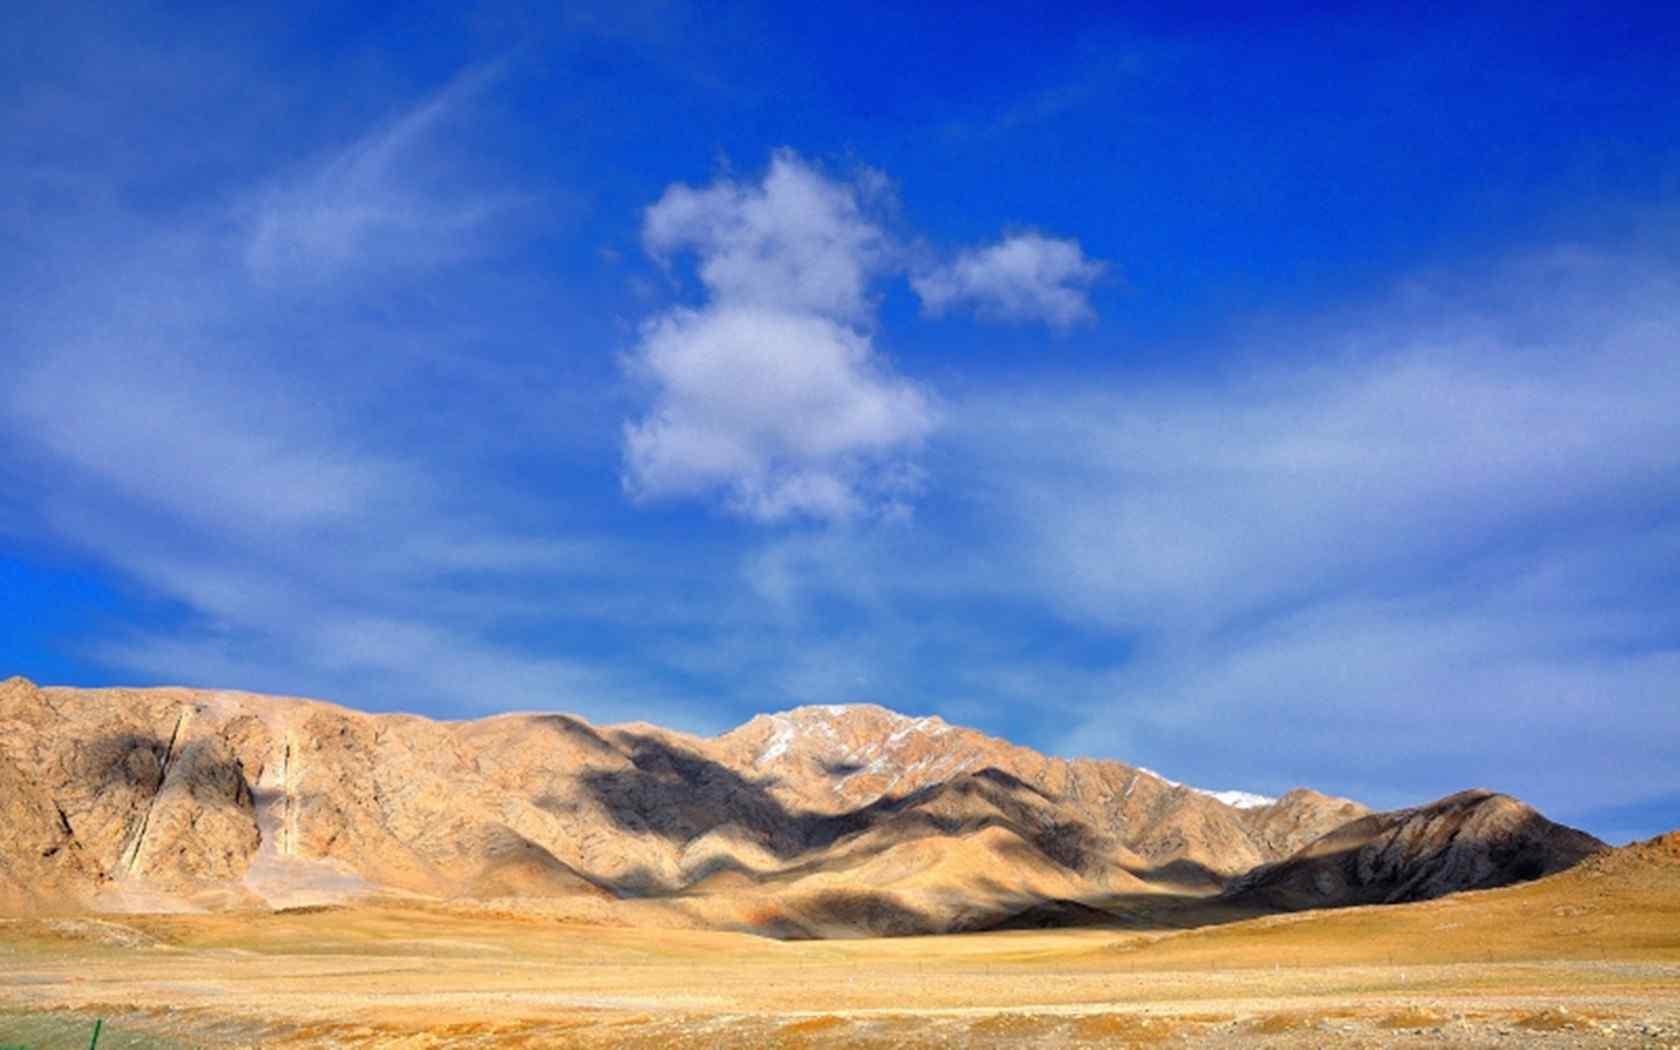 新疆赛里木湖秀丽风景电脑桌面壁纸下载